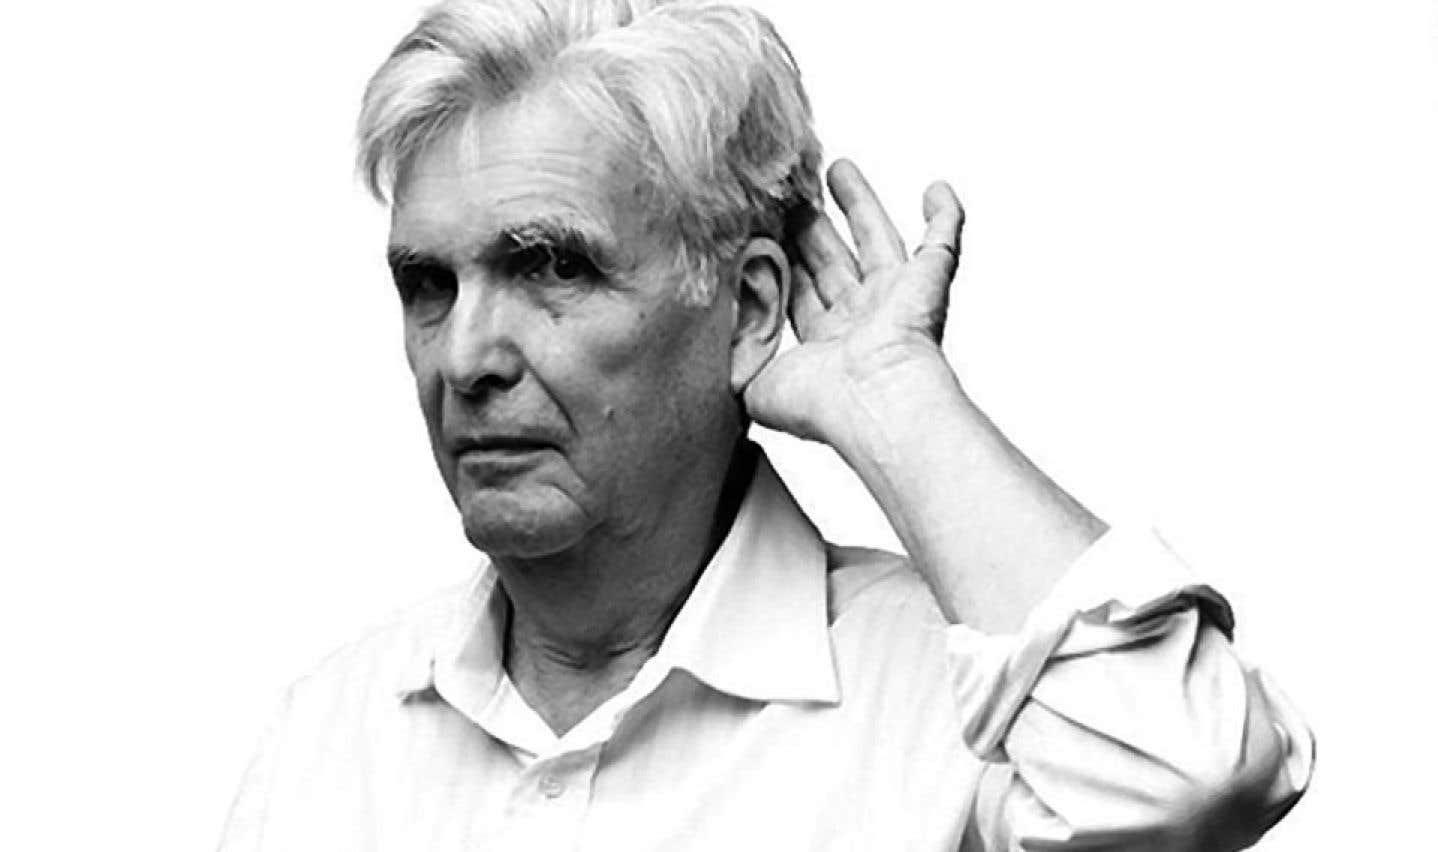 Le compositeur Gilles Tremblay est décédé à l'âge de 85ans